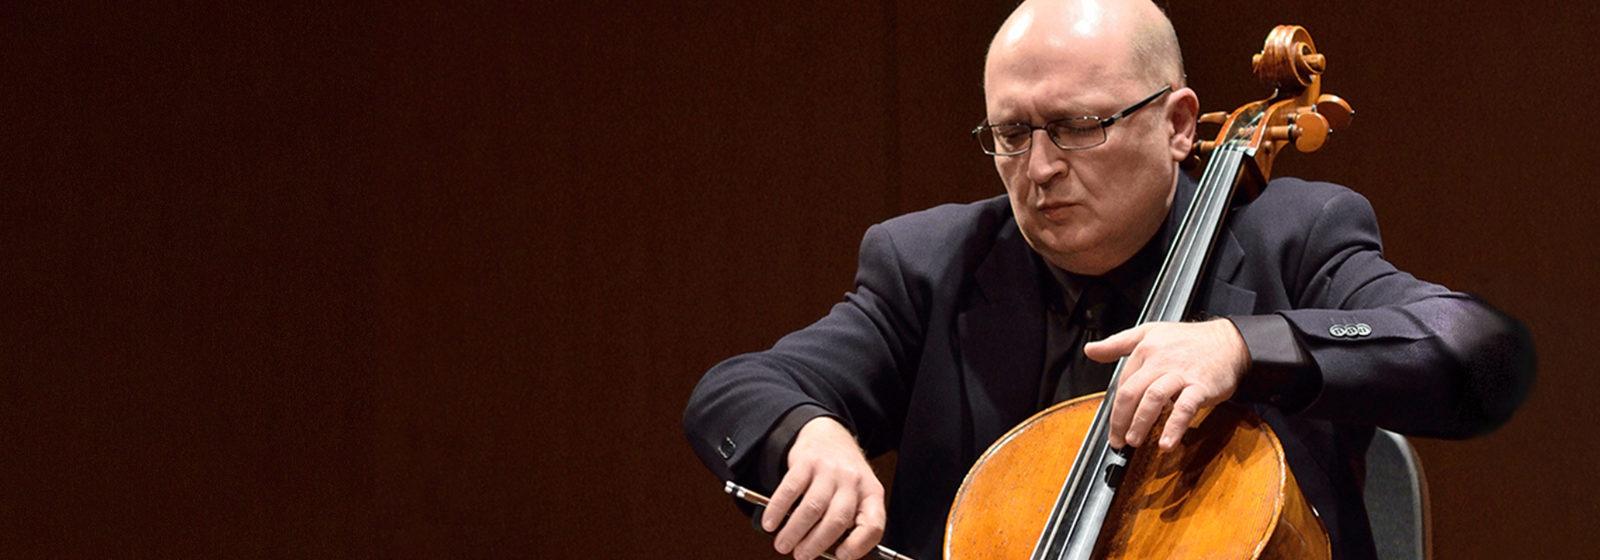 Suren Bagratuni és a Nemzeti Filharmonikus Zenekar